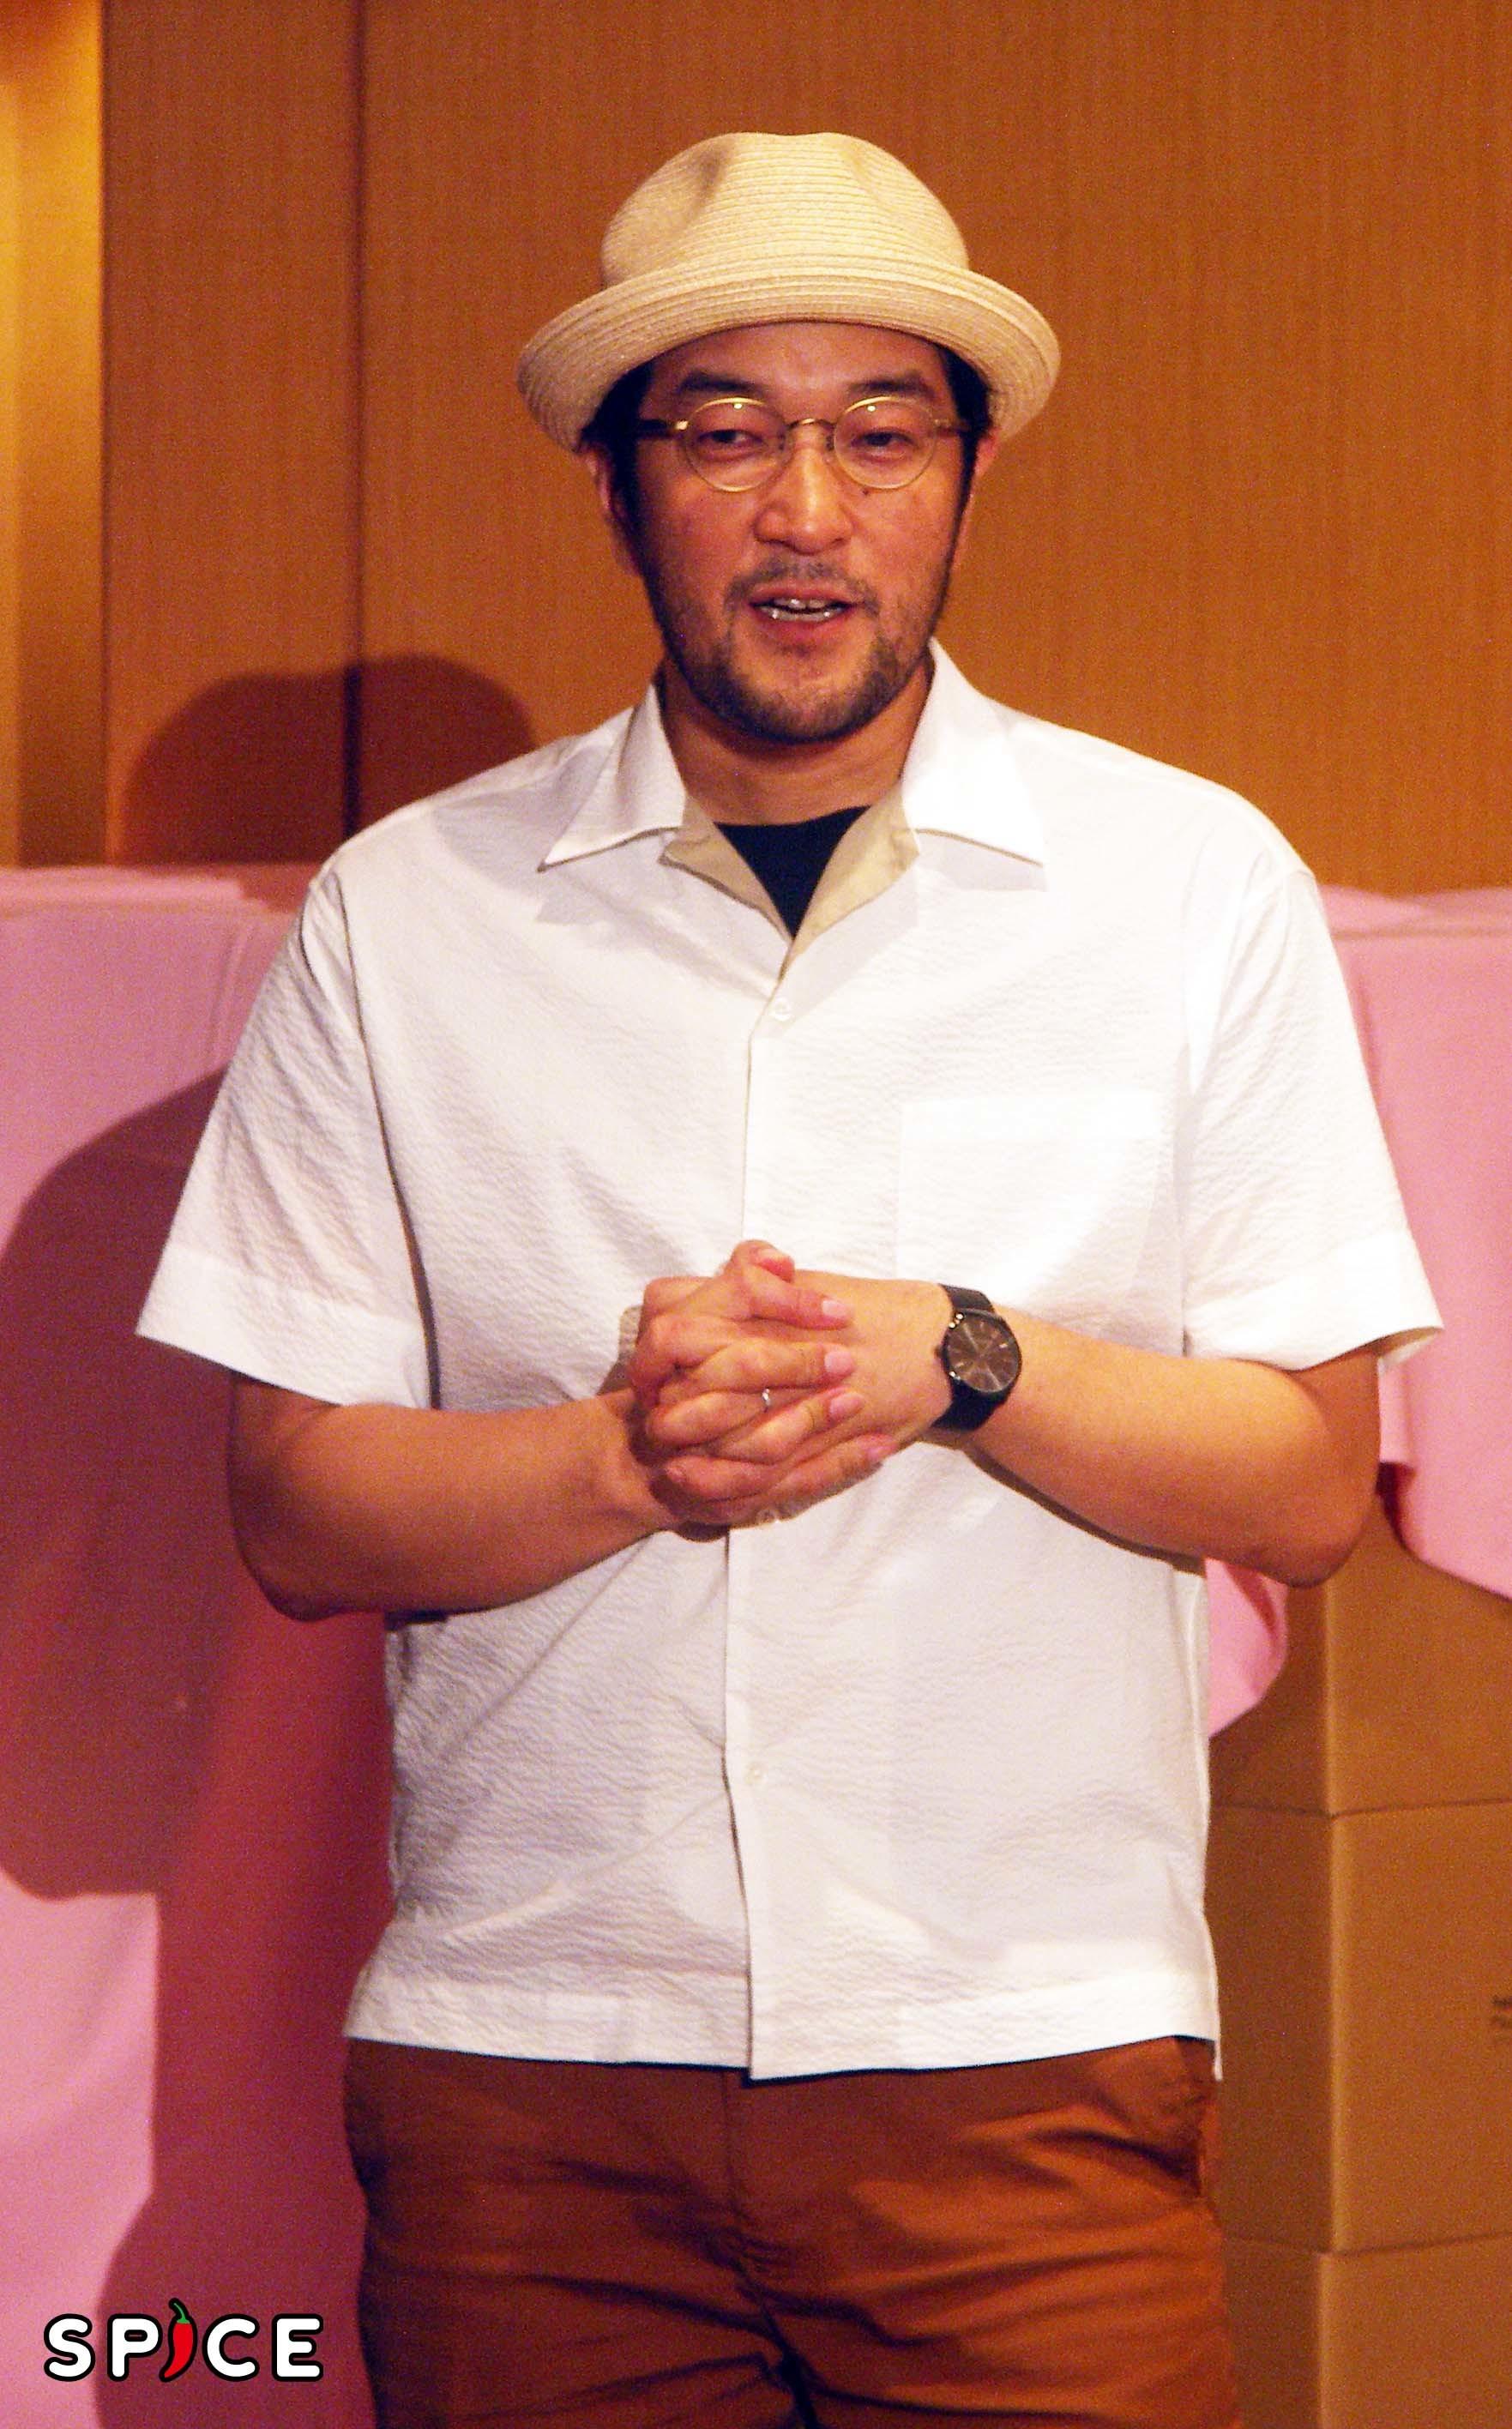 演出のウォーリー木下 (C)武内直子・PNP/乃木坂46版 ミュージカル「美少女戦士セーラームーン」製作委員会